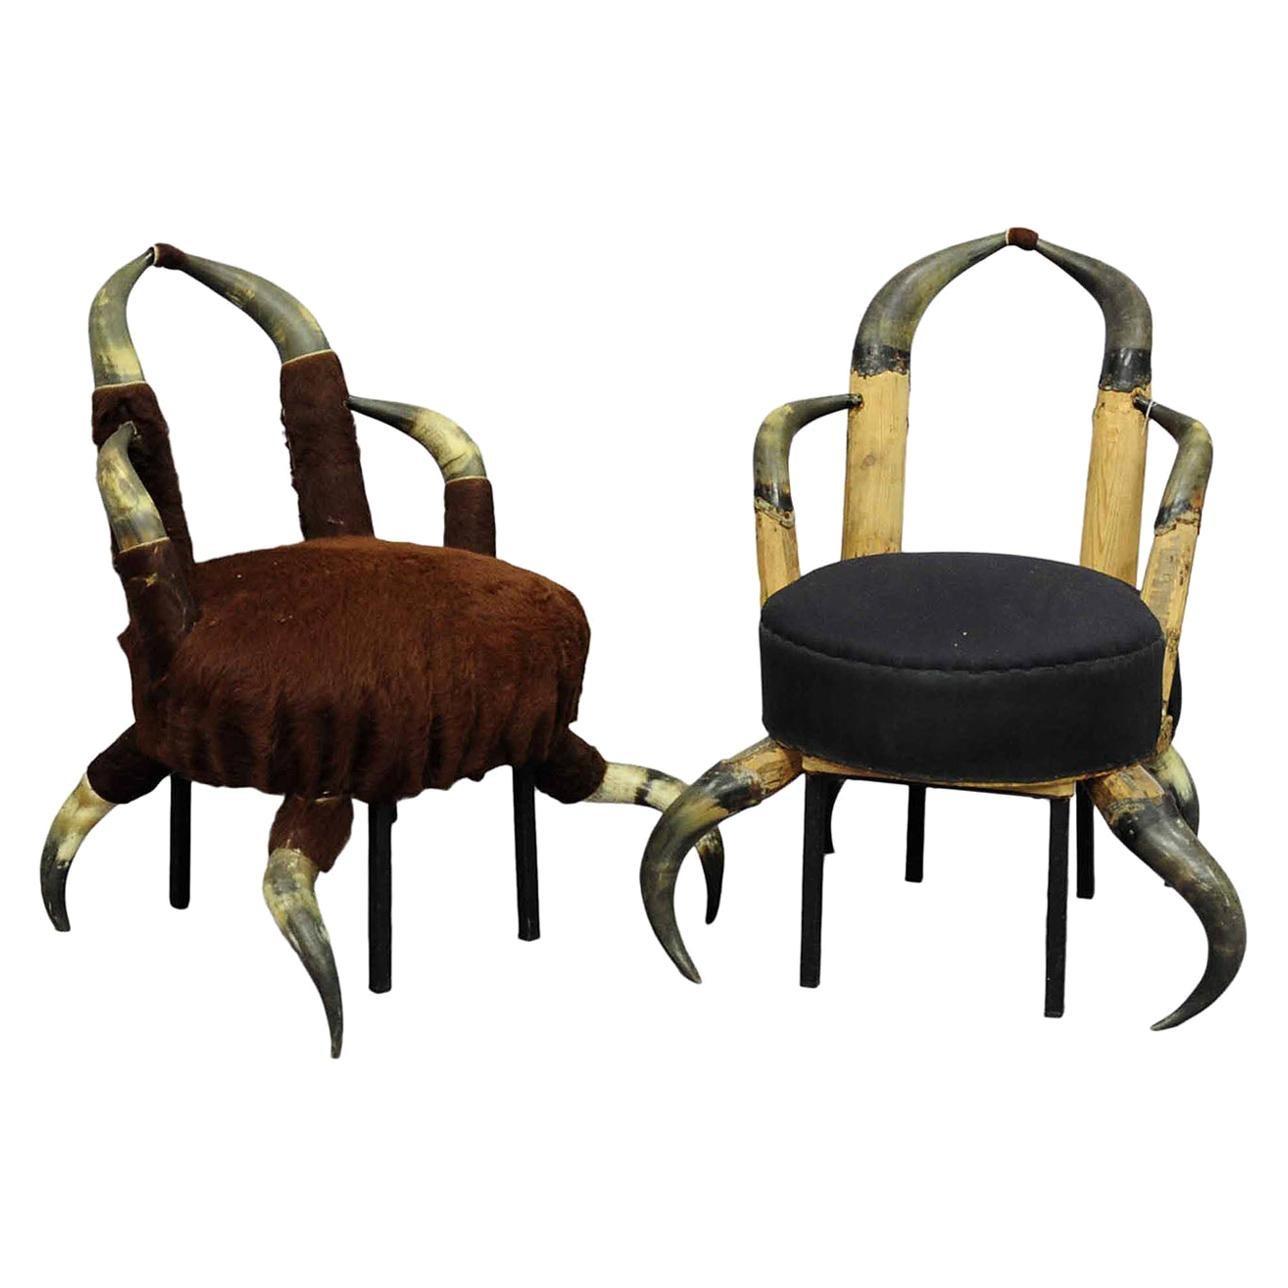 Pair Small Antique Horn Chairs, Austria, circa 1870